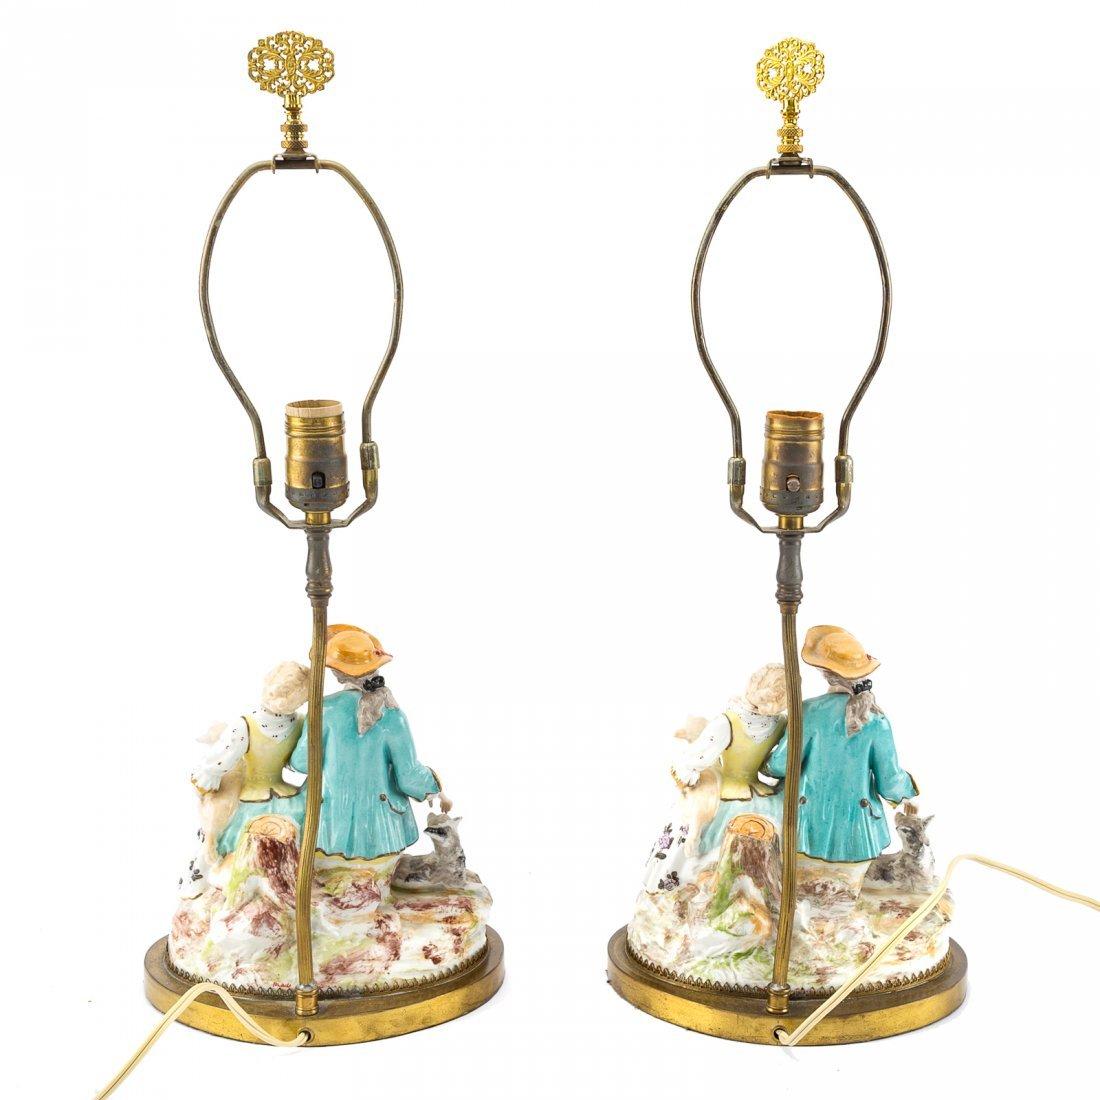 Pair Meissen style porcelain figural lamps - 3